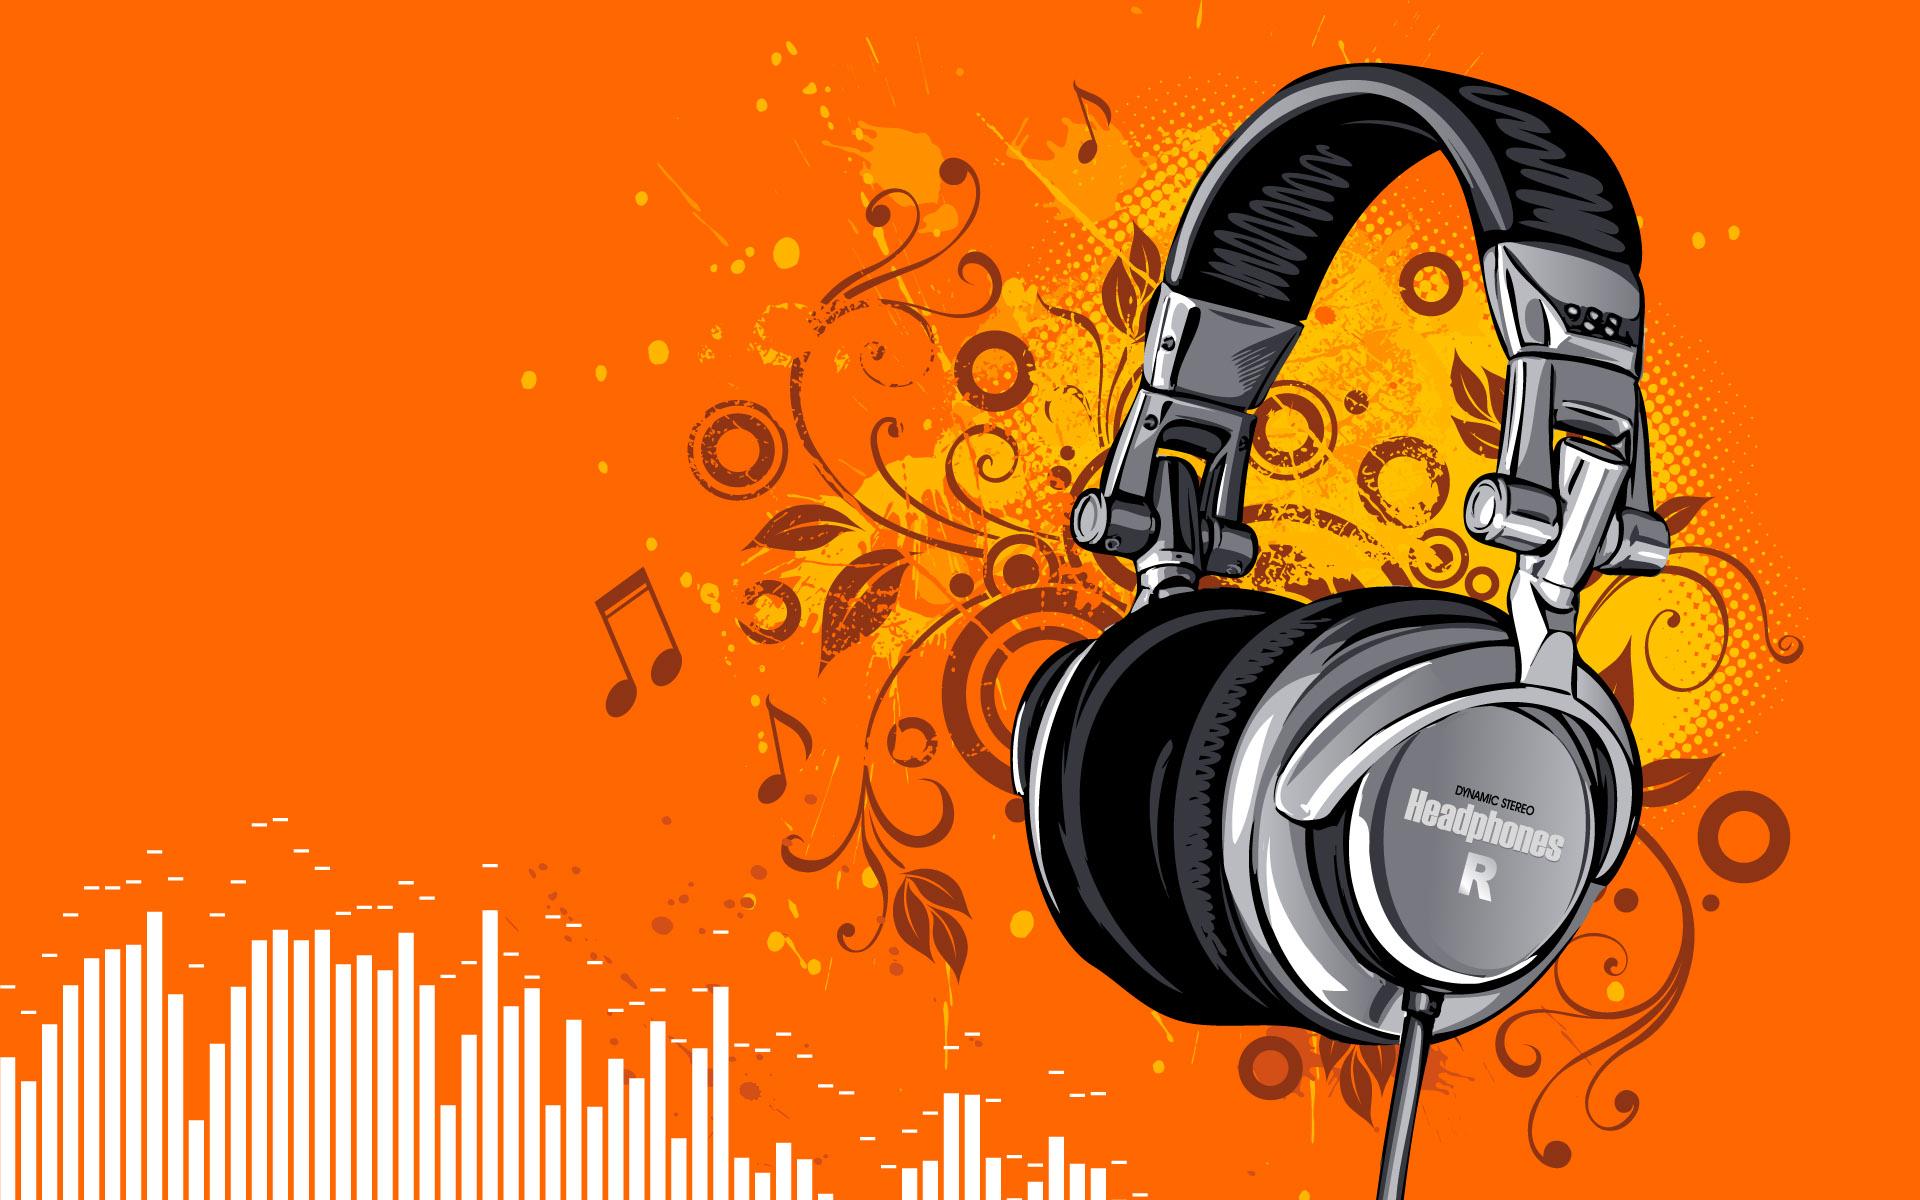 Más de 1.000 millones de jóvenes podrían sufrir daños auditivos por música muy alta